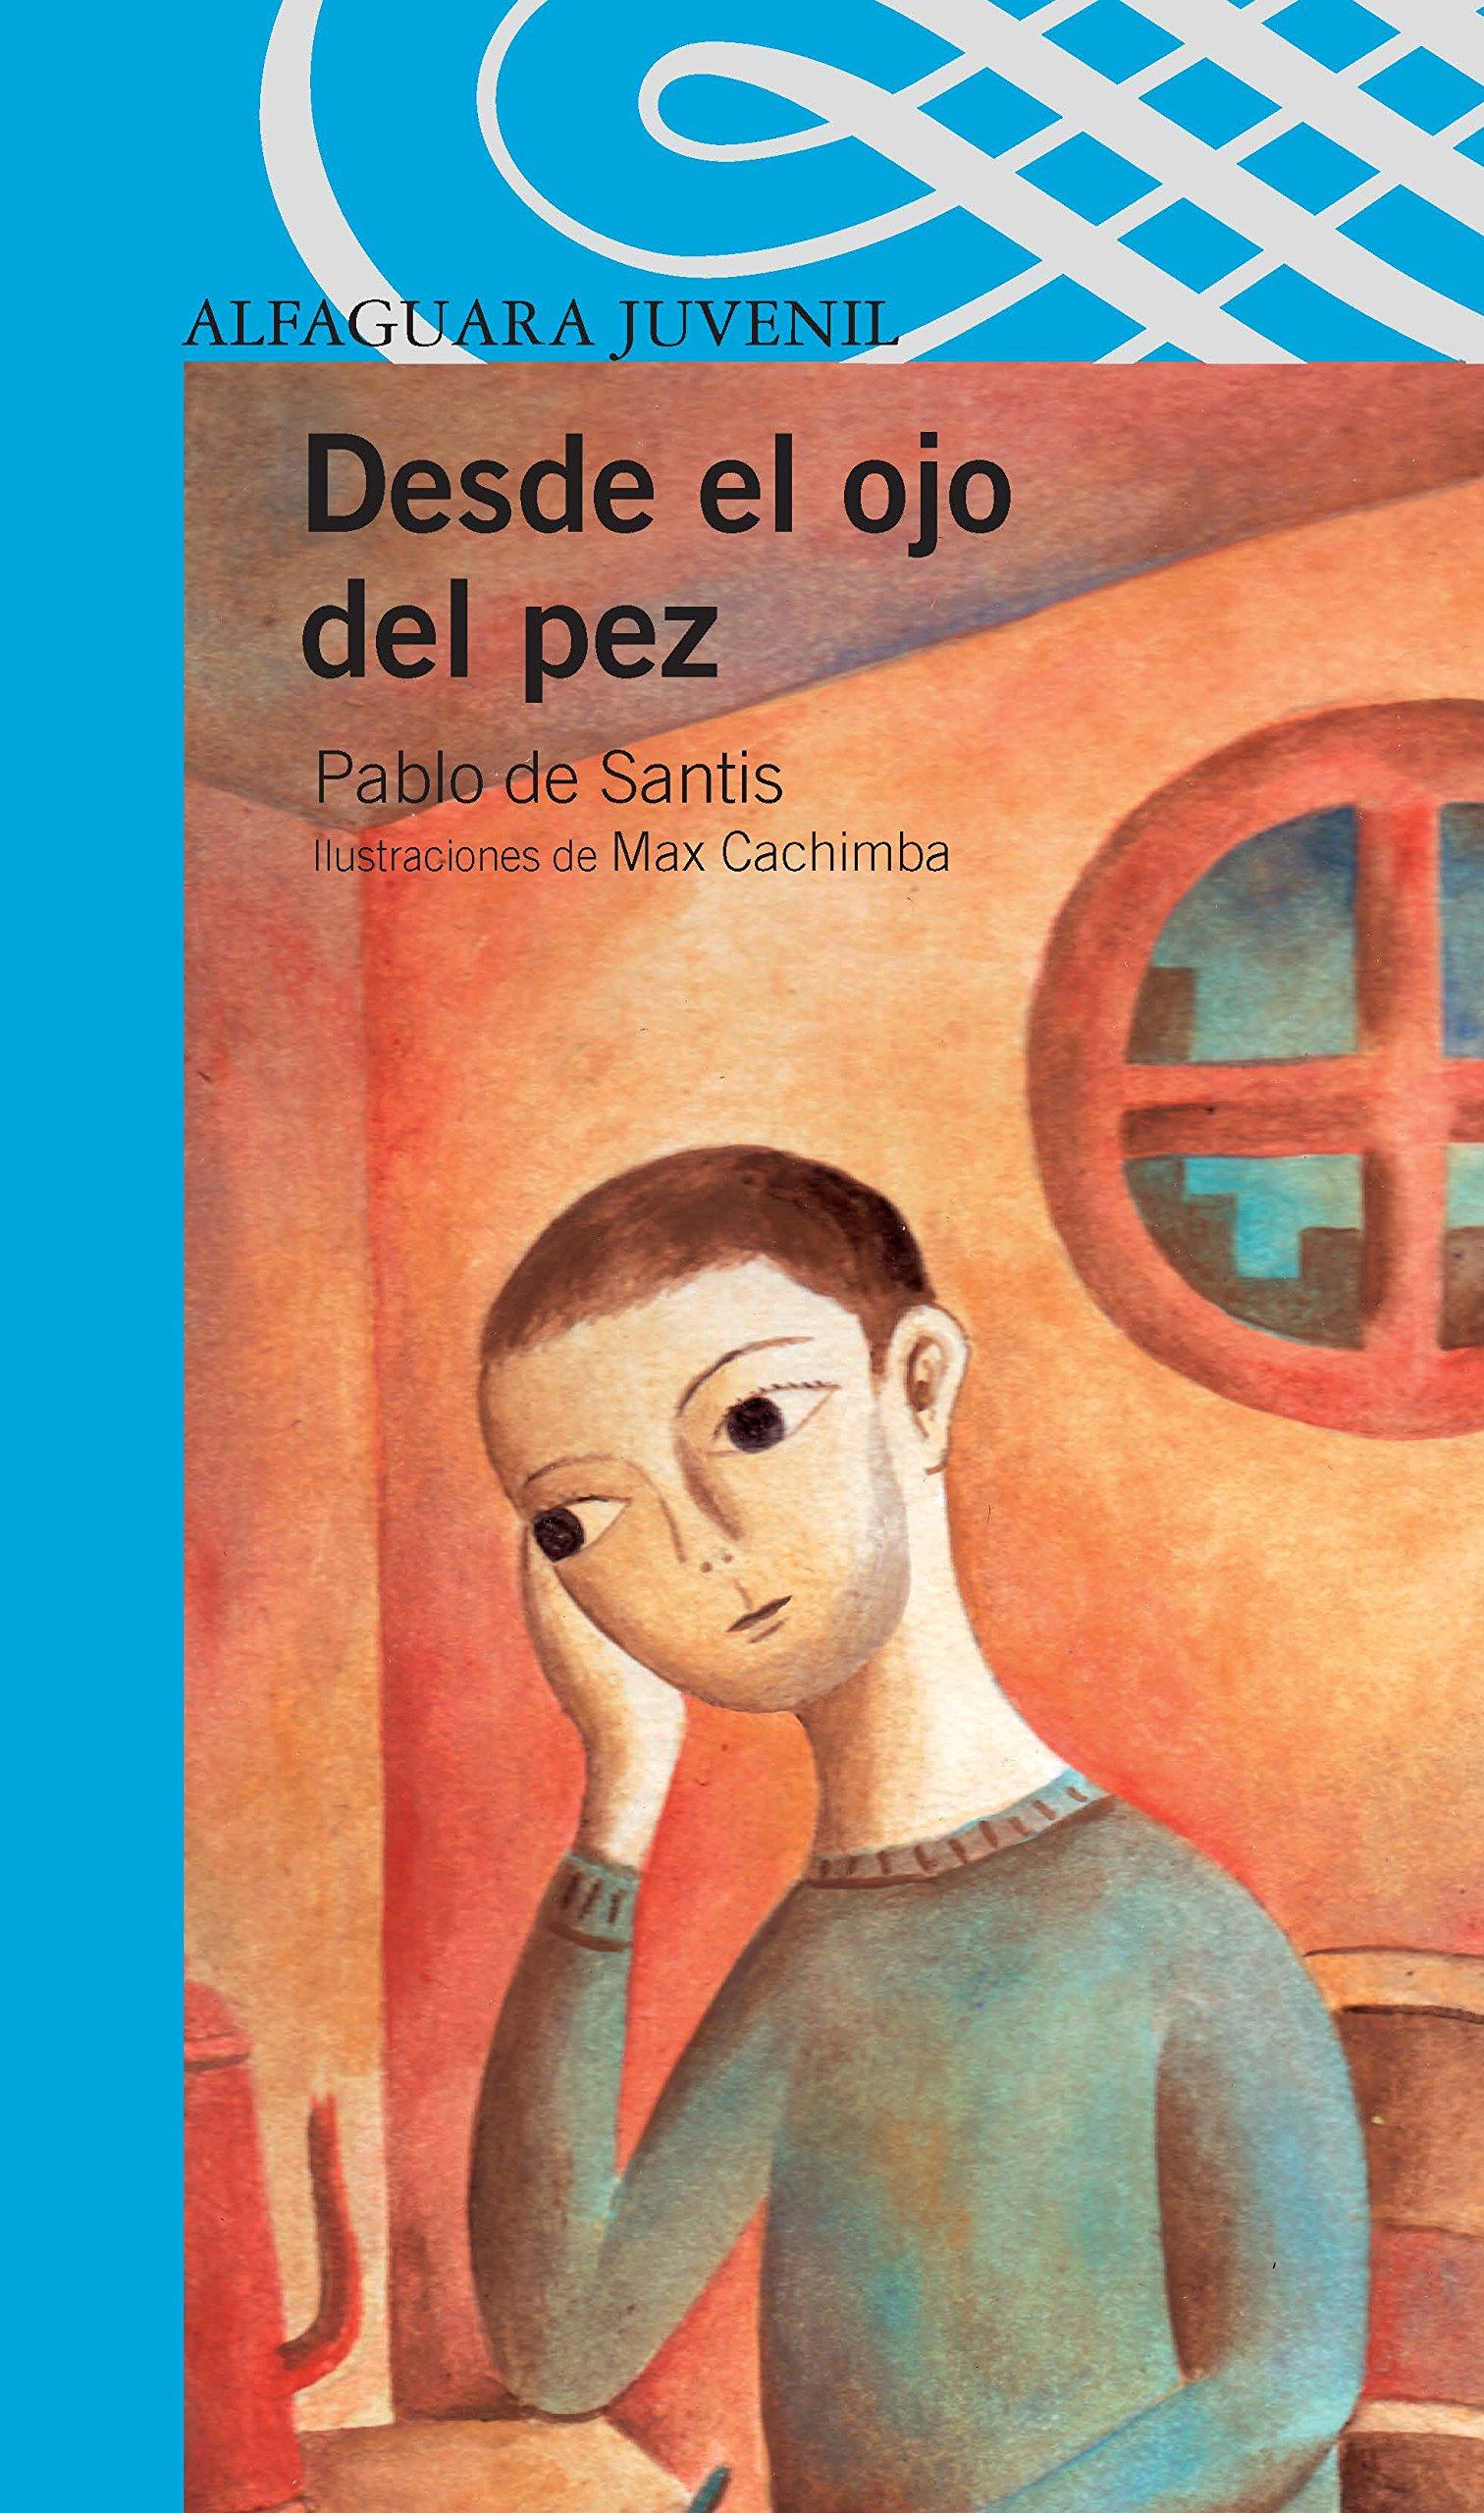 Desde El Ojo del Pez (Alfaguara Juvenil): Amazon.es: Pablo De Santis, Max Cachimba: Libros